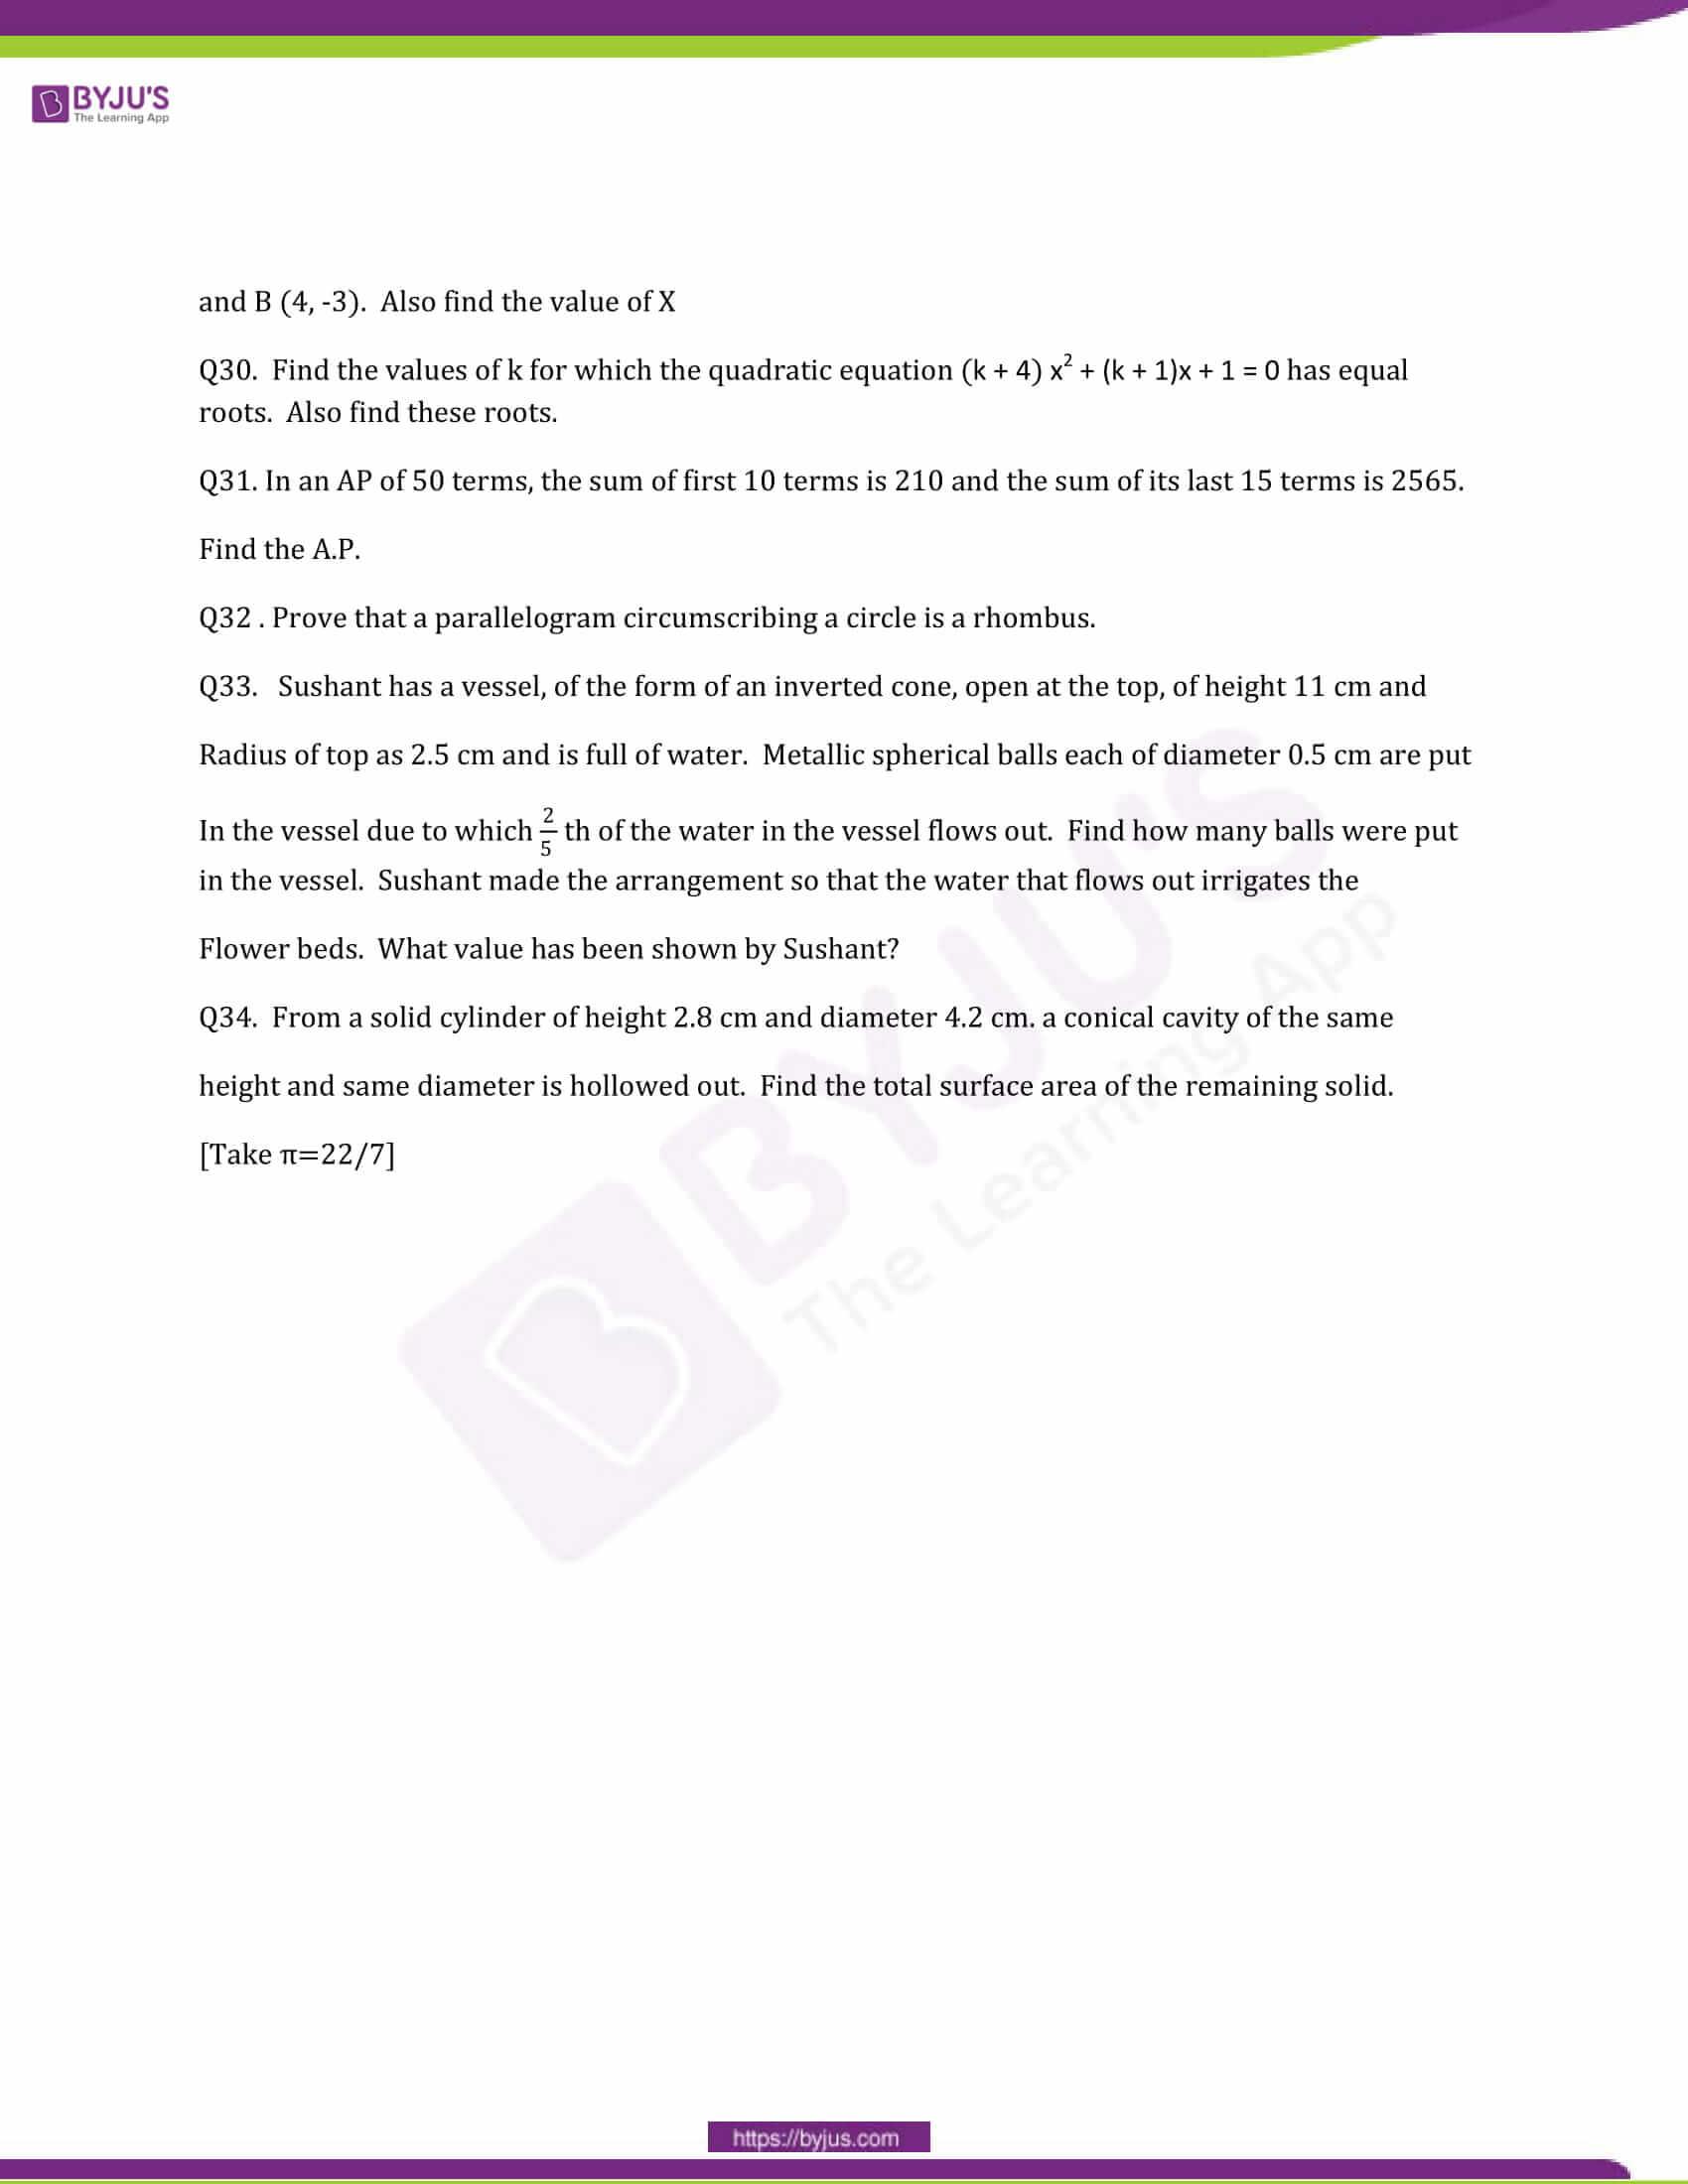 CBSE Class 10 Maths Question Papers 2014 6